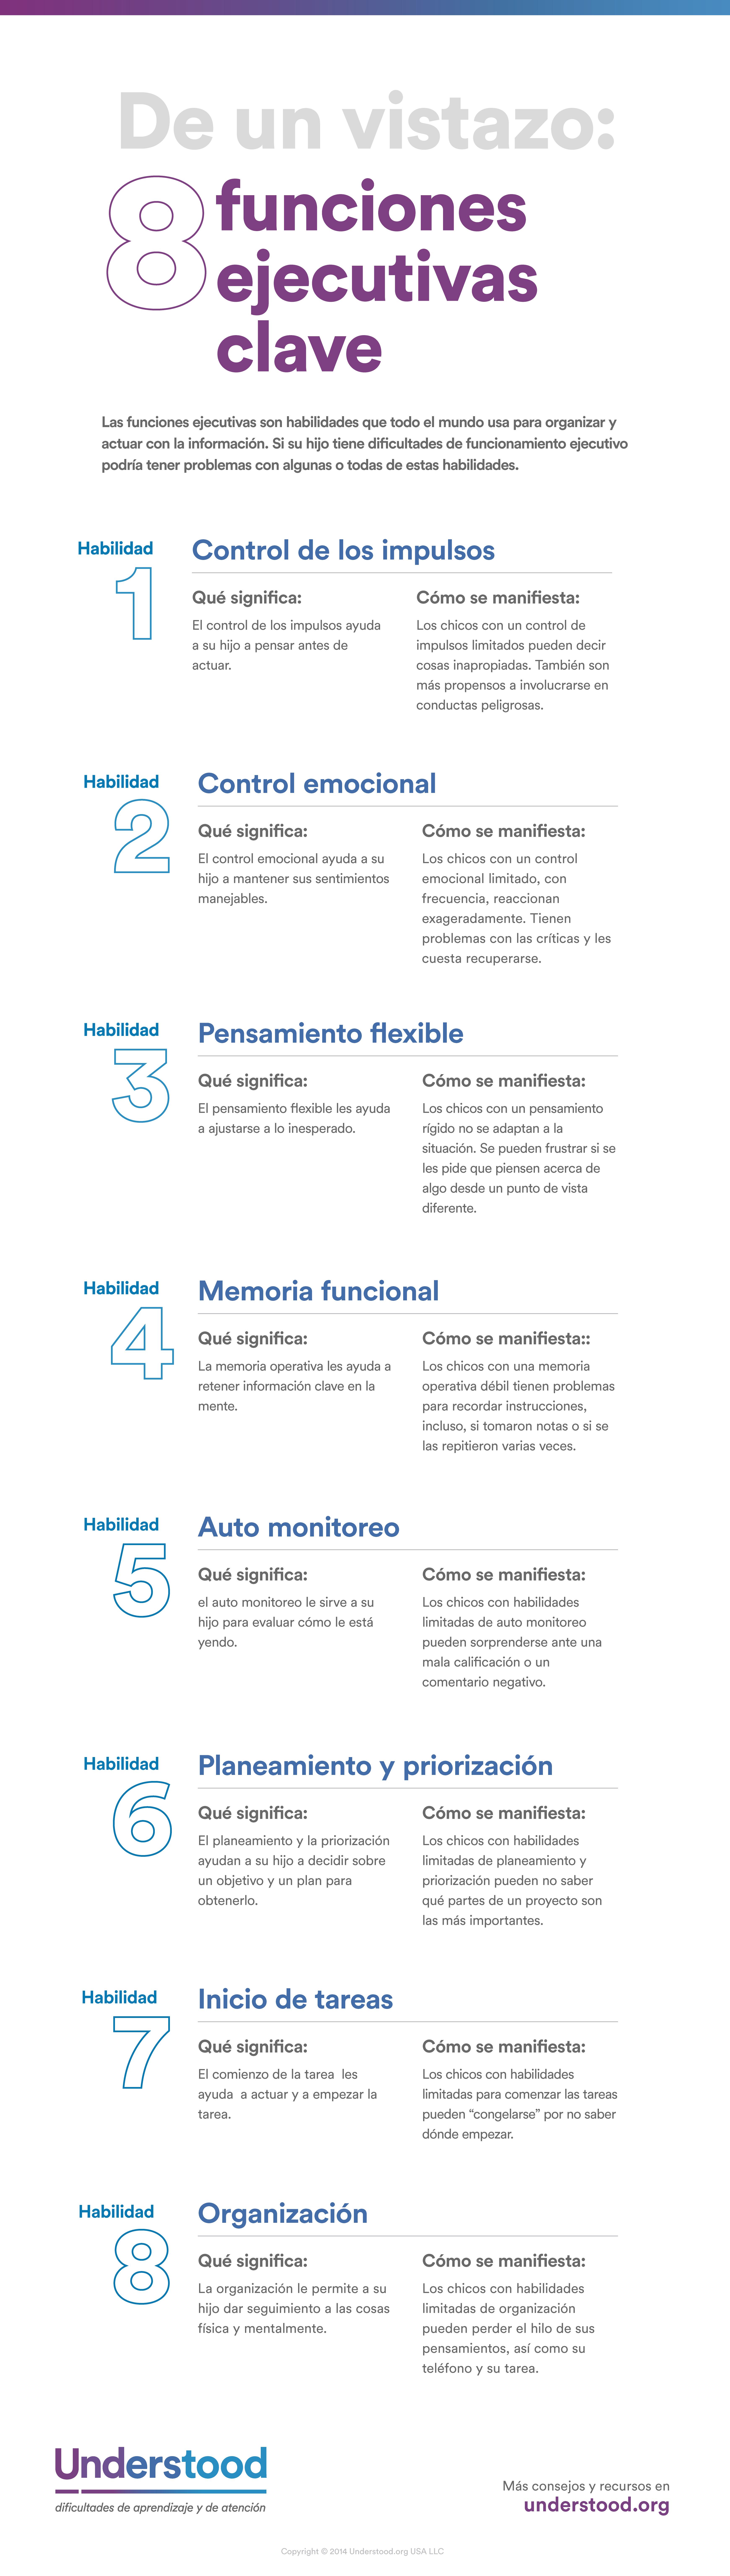 ¿Qué es el funcionamiento ejecutivo? 8 habilidades ejecutivas explicadas - Understood